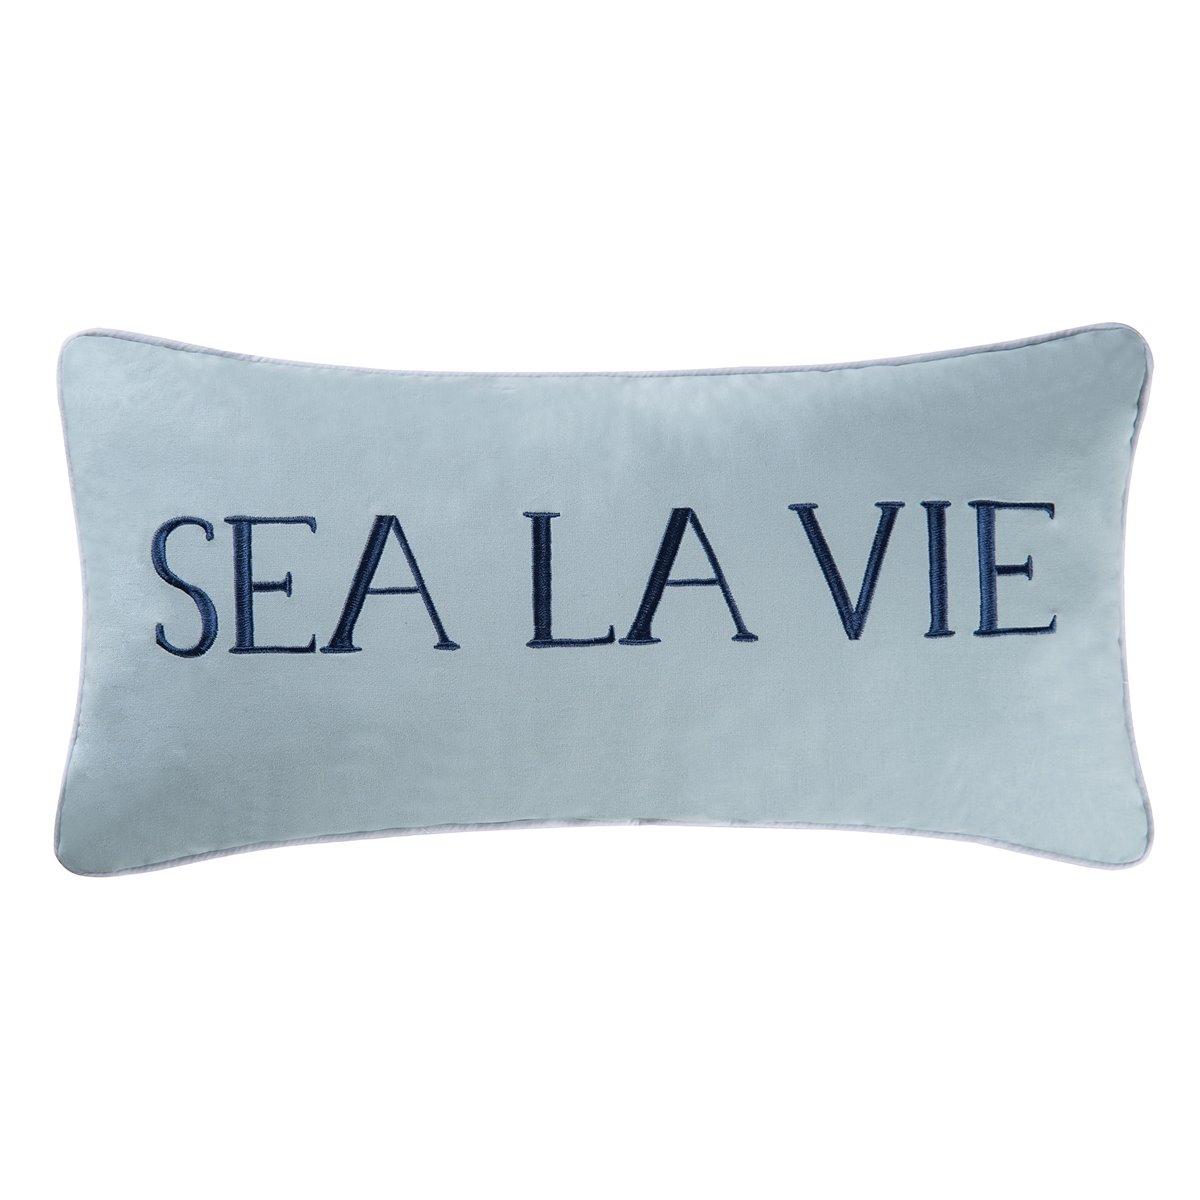 Sea La Vie Pillow